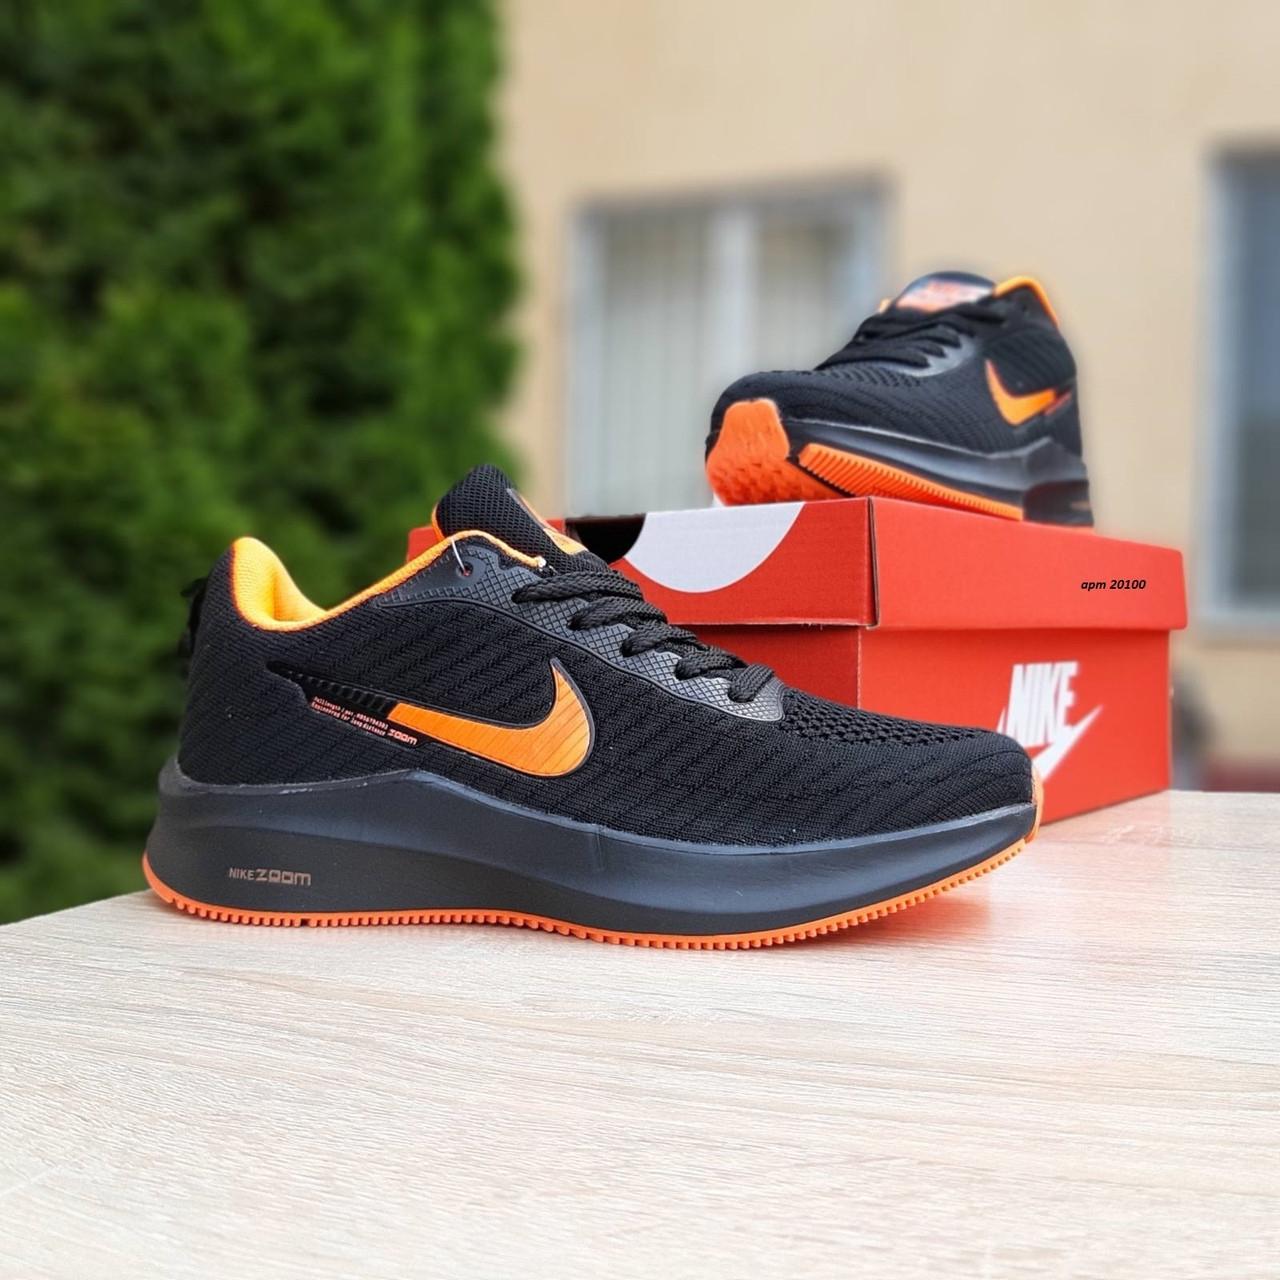 Кроссовки распродажа АКЦИЯ последние размеры Nike 650 грн 36й(23см), 41й(26см) люкс копия